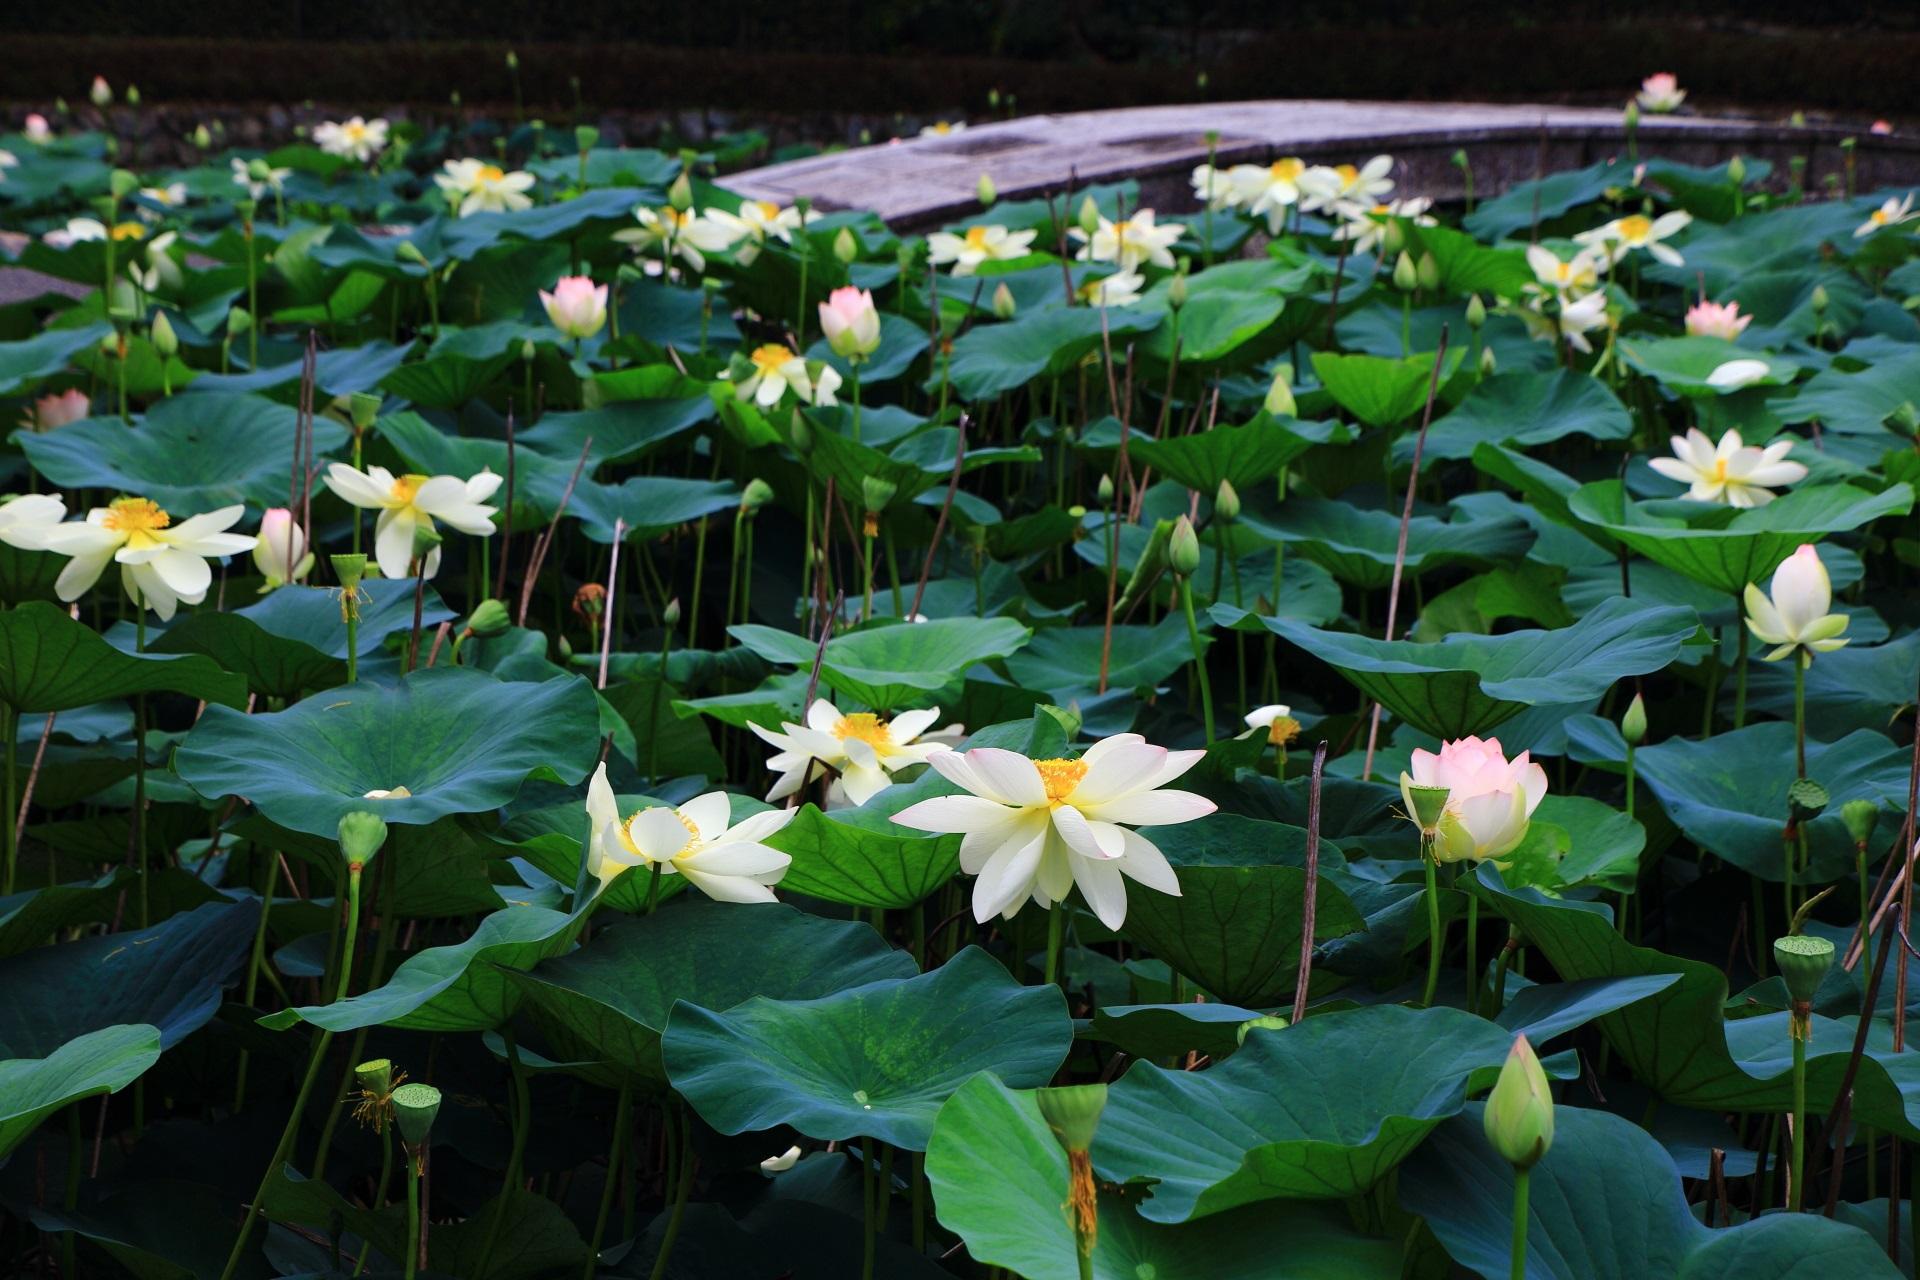 深い緑に映える東福寺の華やかな白い蓮の花